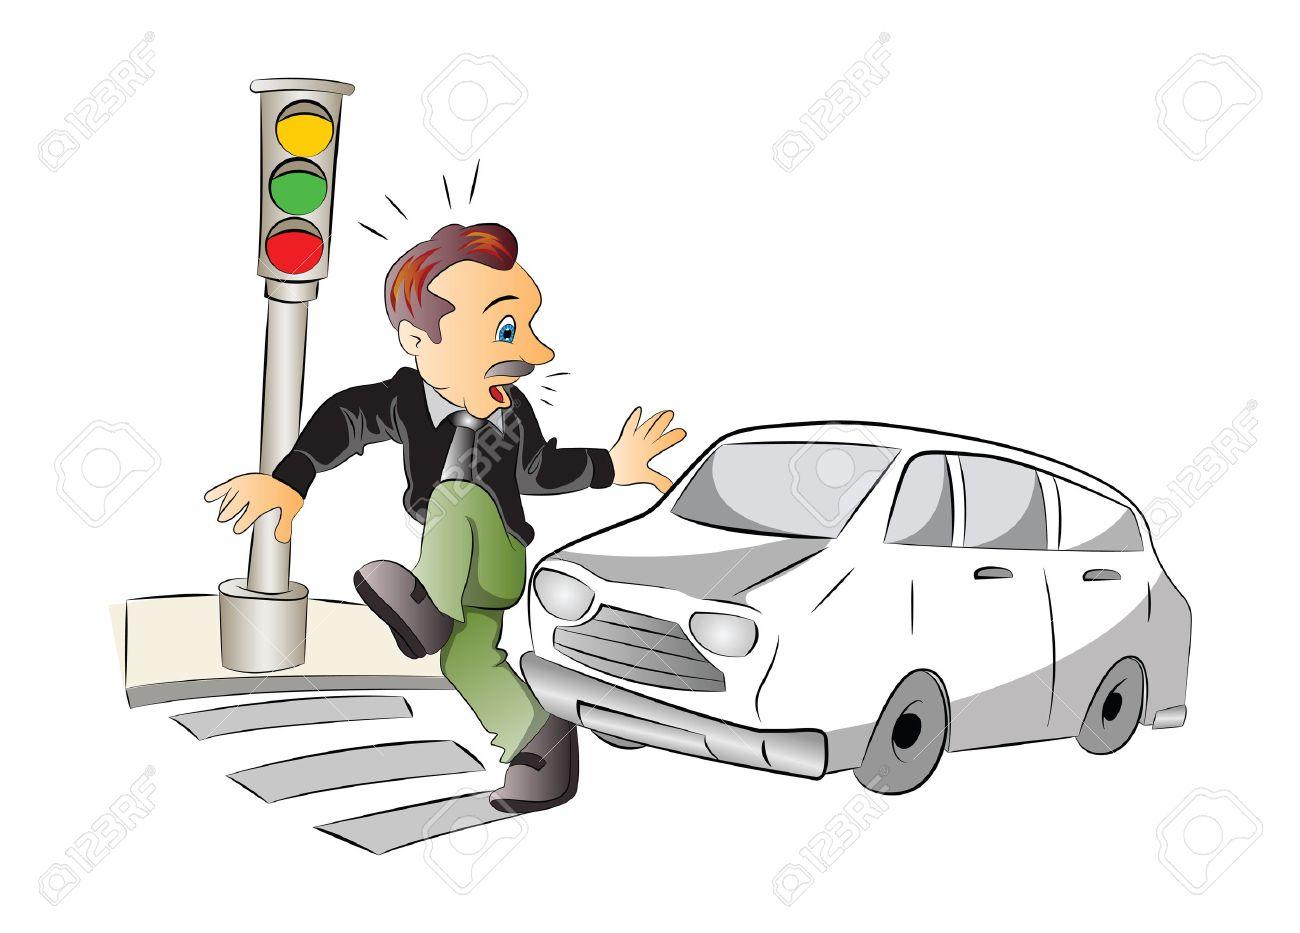 Seguridad Vial, Hombre A Punto De Ser Atropellado Por Un Coche, Ilustración Vectorial Ilustraciones Vectoriales, Clip Art Vectorizado Libre De Derechos. Image 37602461.